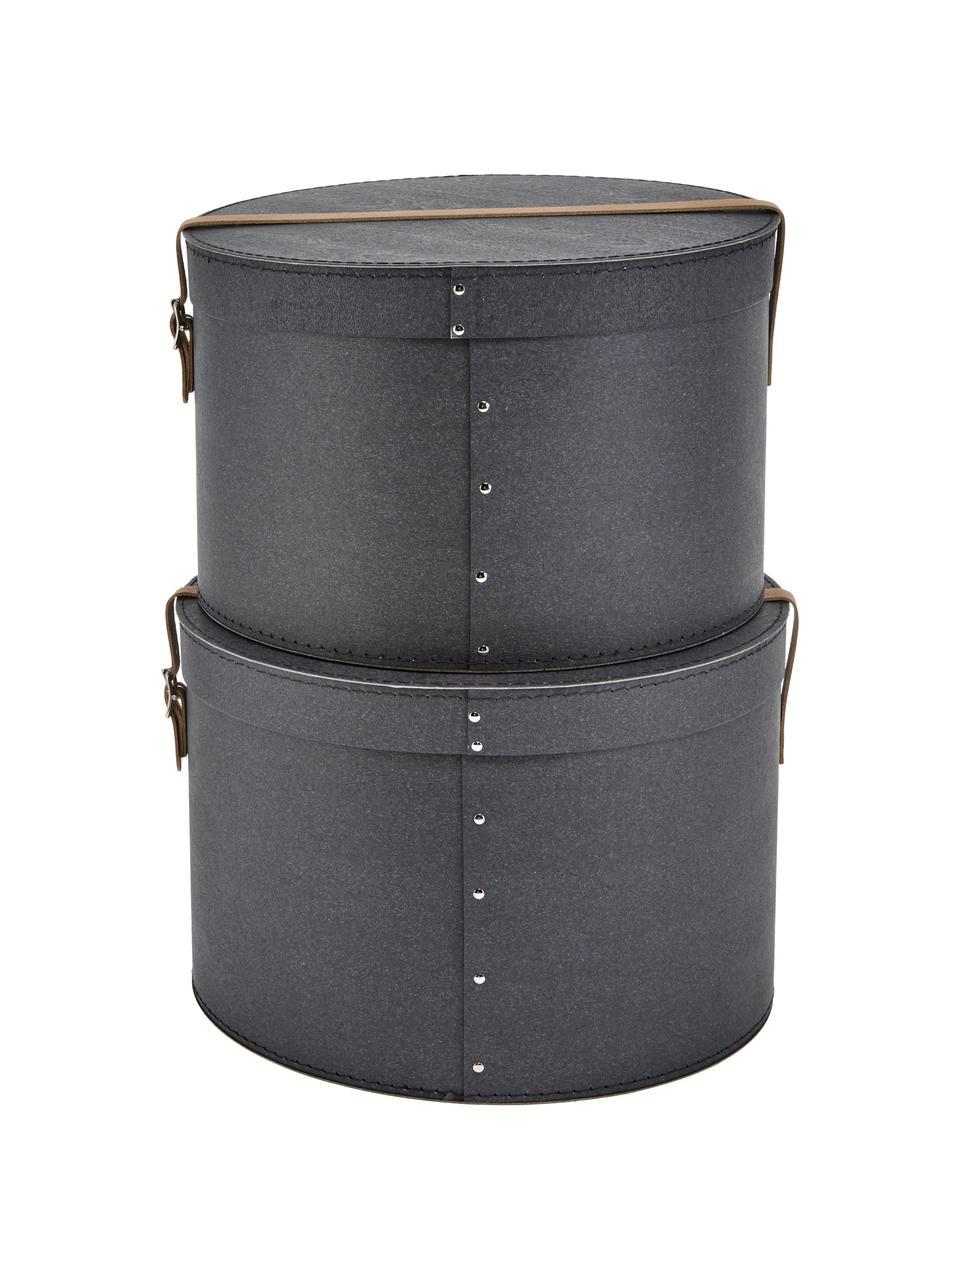 Set 2 scatole Rut, Scatola: cartone massiccio, stampa, Manico: pelle, metallo, La scatola all'esterno: nera Scatola interna: nera Maniglia: beige, Set in varie misure